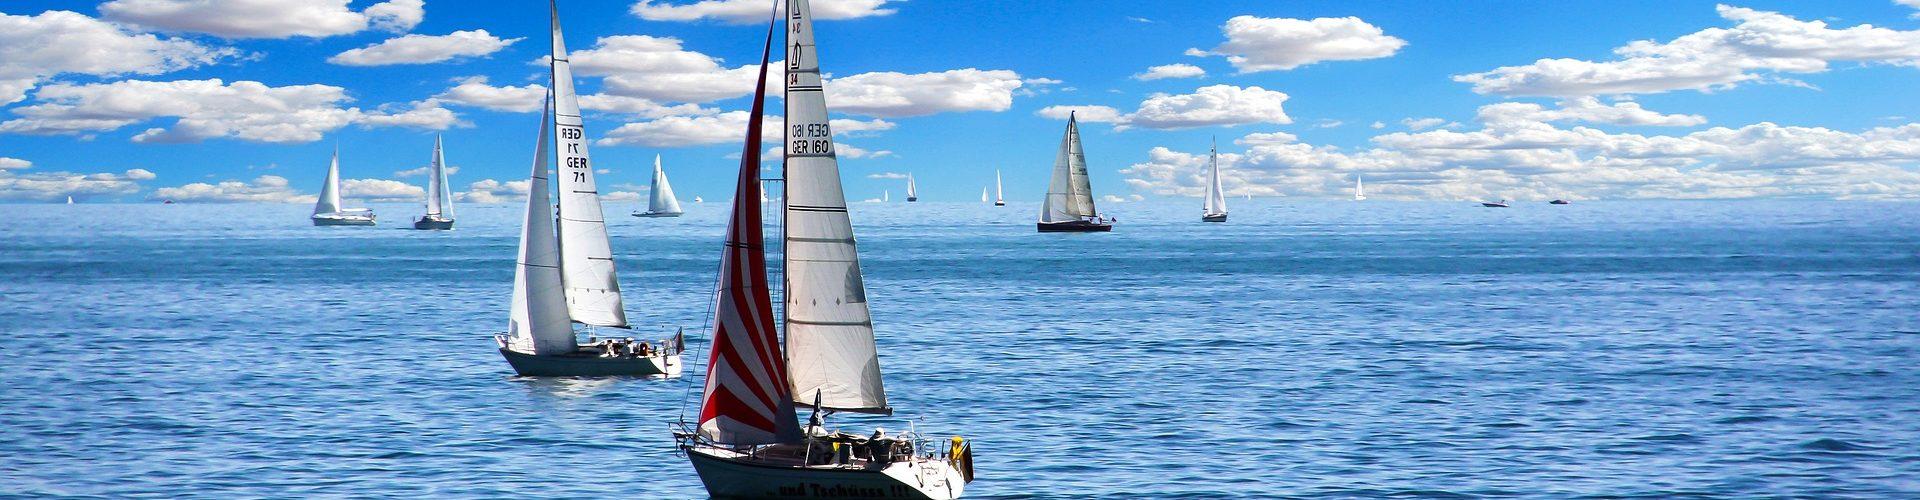 segeln lernen in Bosau segelschein machen in Bosau 1920x500 - Segeln lernen in Bosau